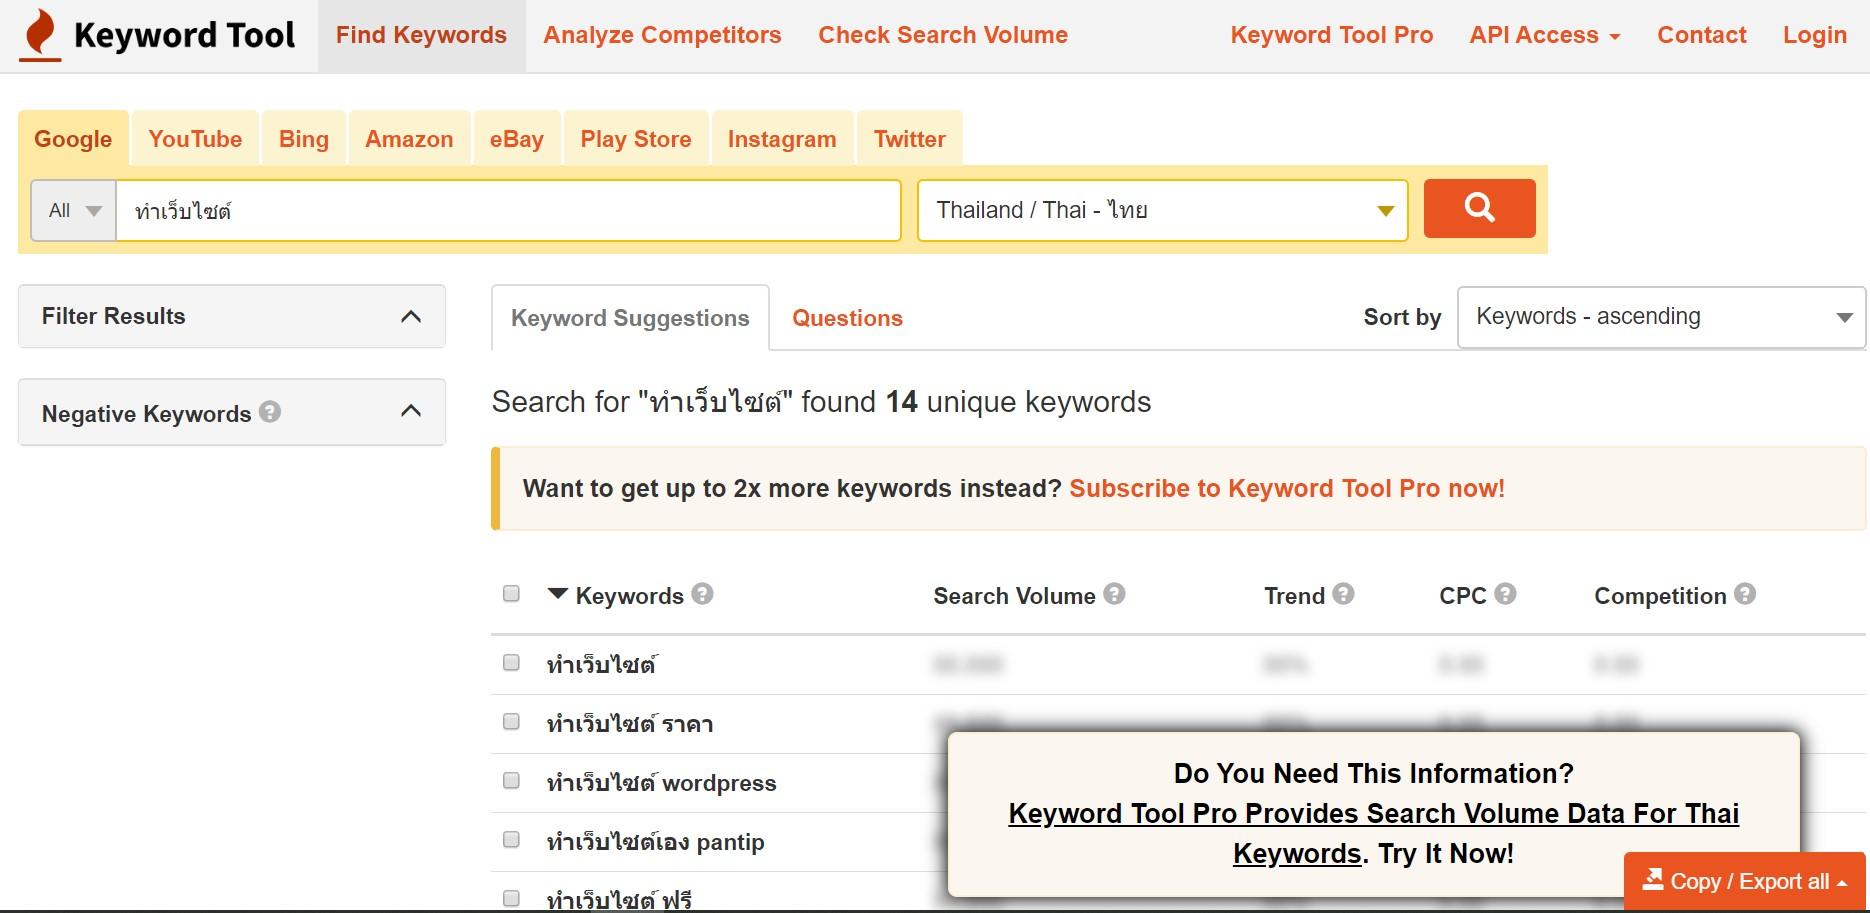 คีย์เวิร์ดหางยาว, โปรแกรมหา keyword, google adwords ใช้ยังไง, หา keyword ฟรี